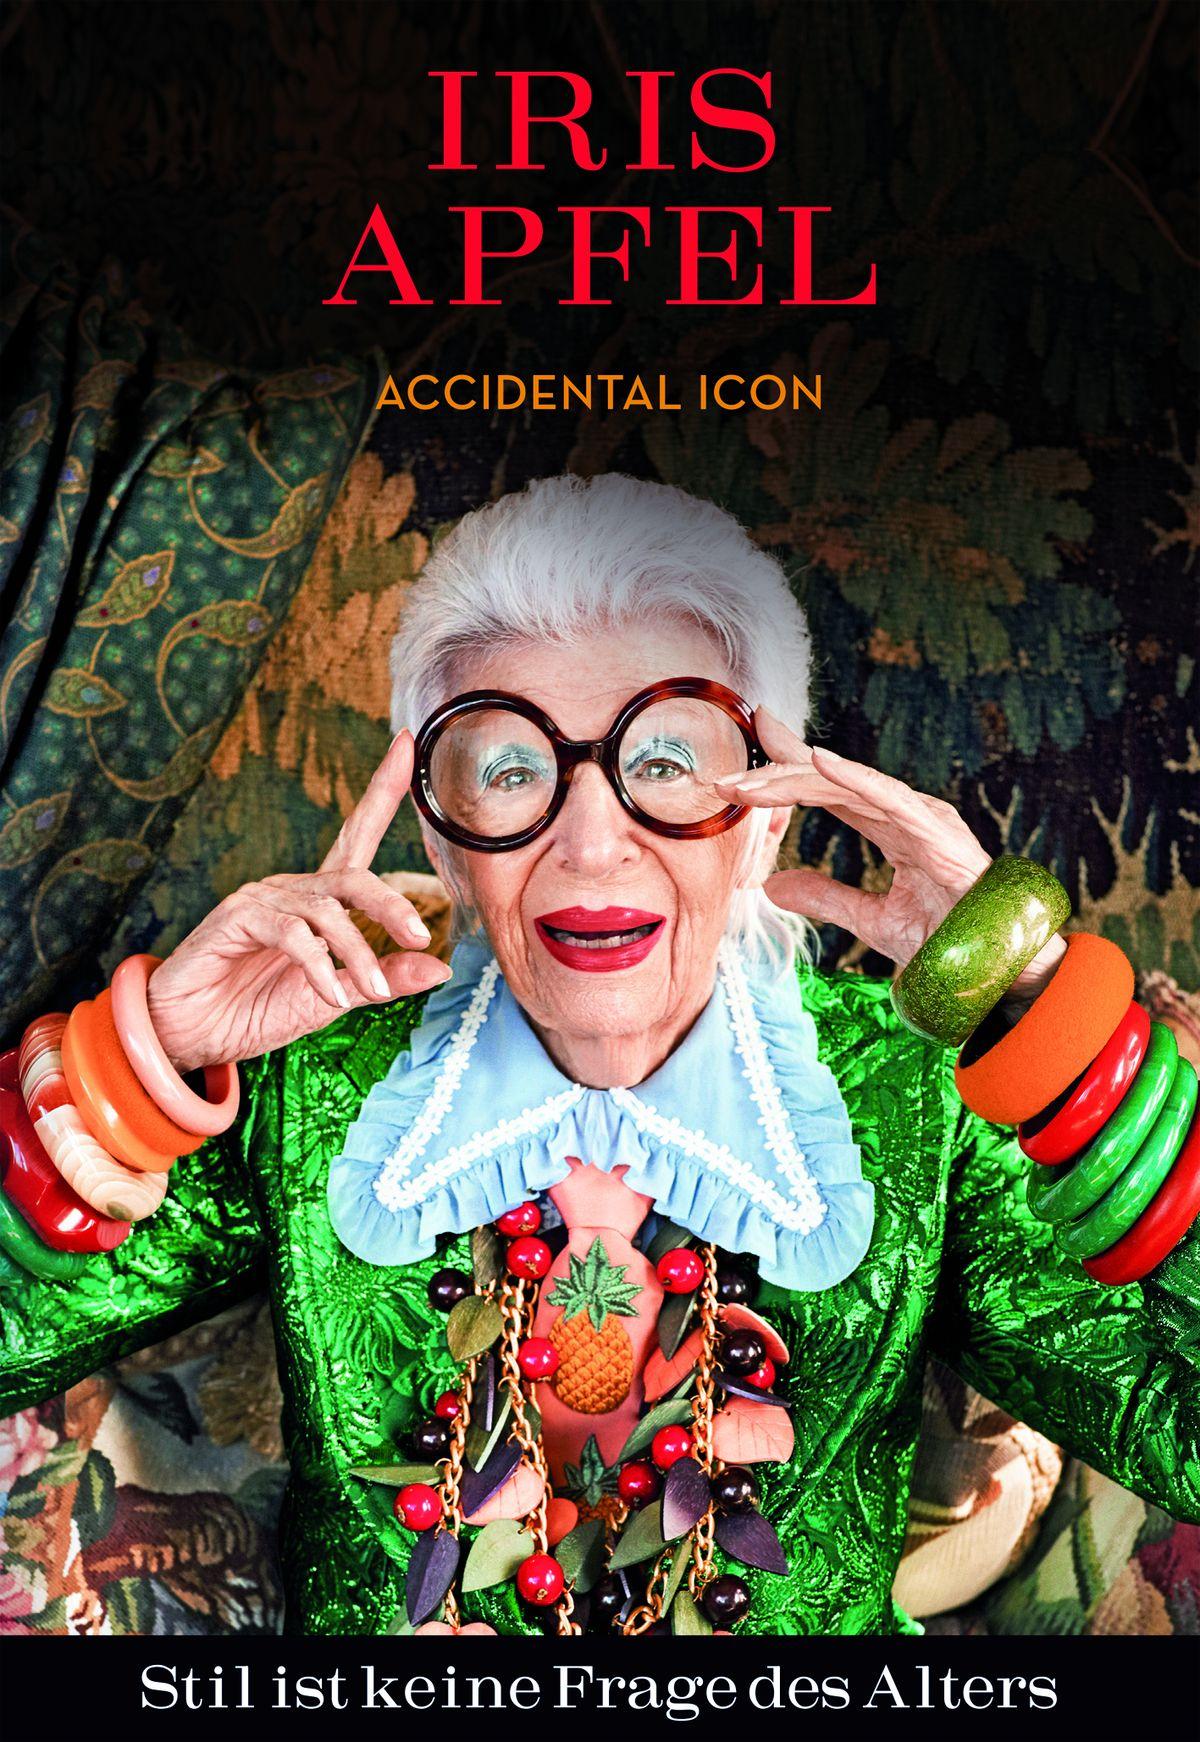 Iris Apfel - Stil ist keine Frage des Alters - Accidental Icon 176 Seiten, 25,- Euro ISBN 978-3-03876-146-4, Midas Collection